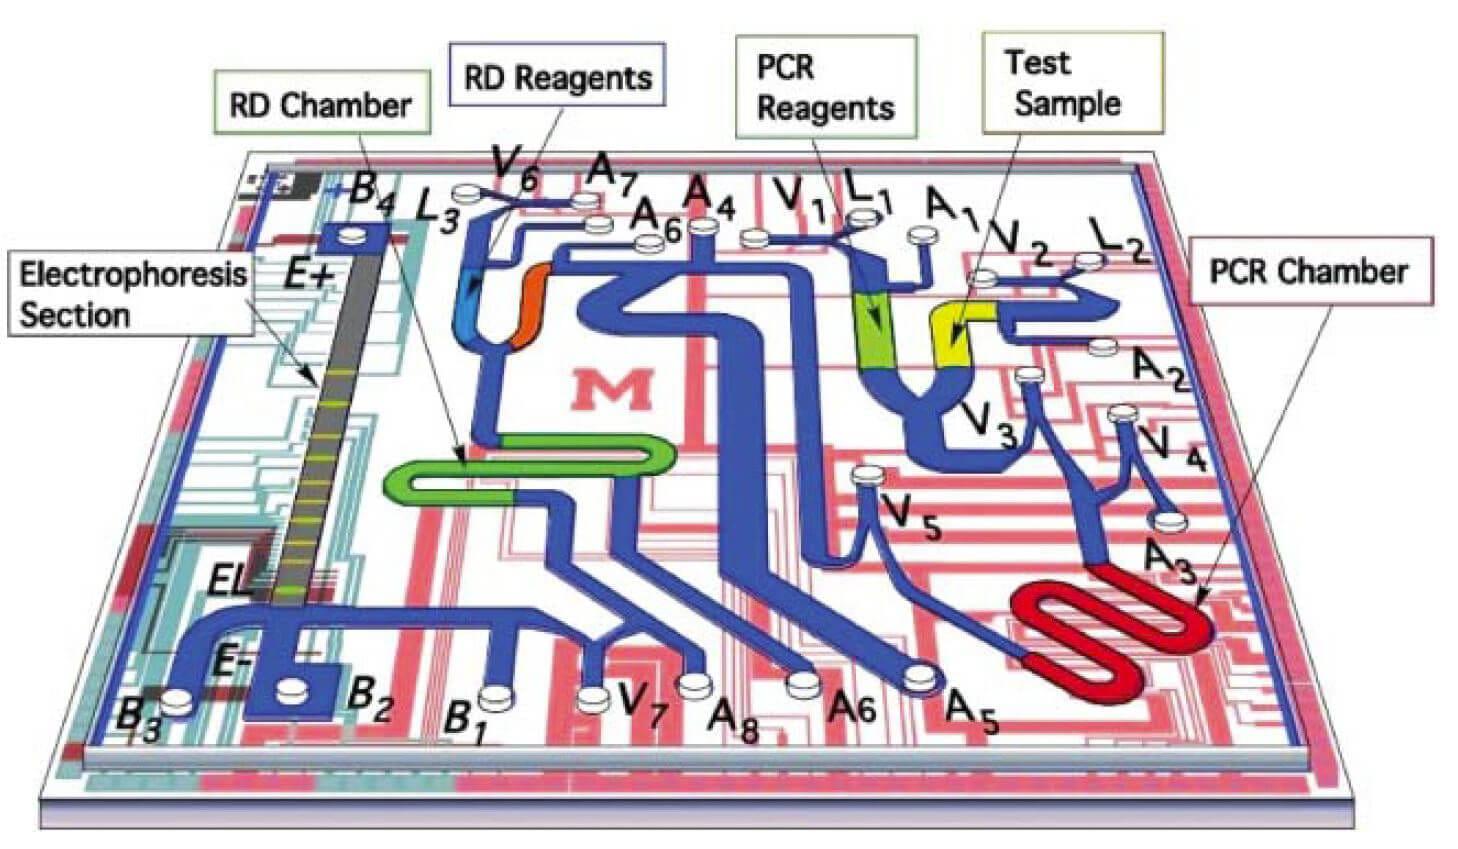 Microfluidic PCR, qPCR, RT-PCR & qRT-PCR_PCR & Electrophoresis chip